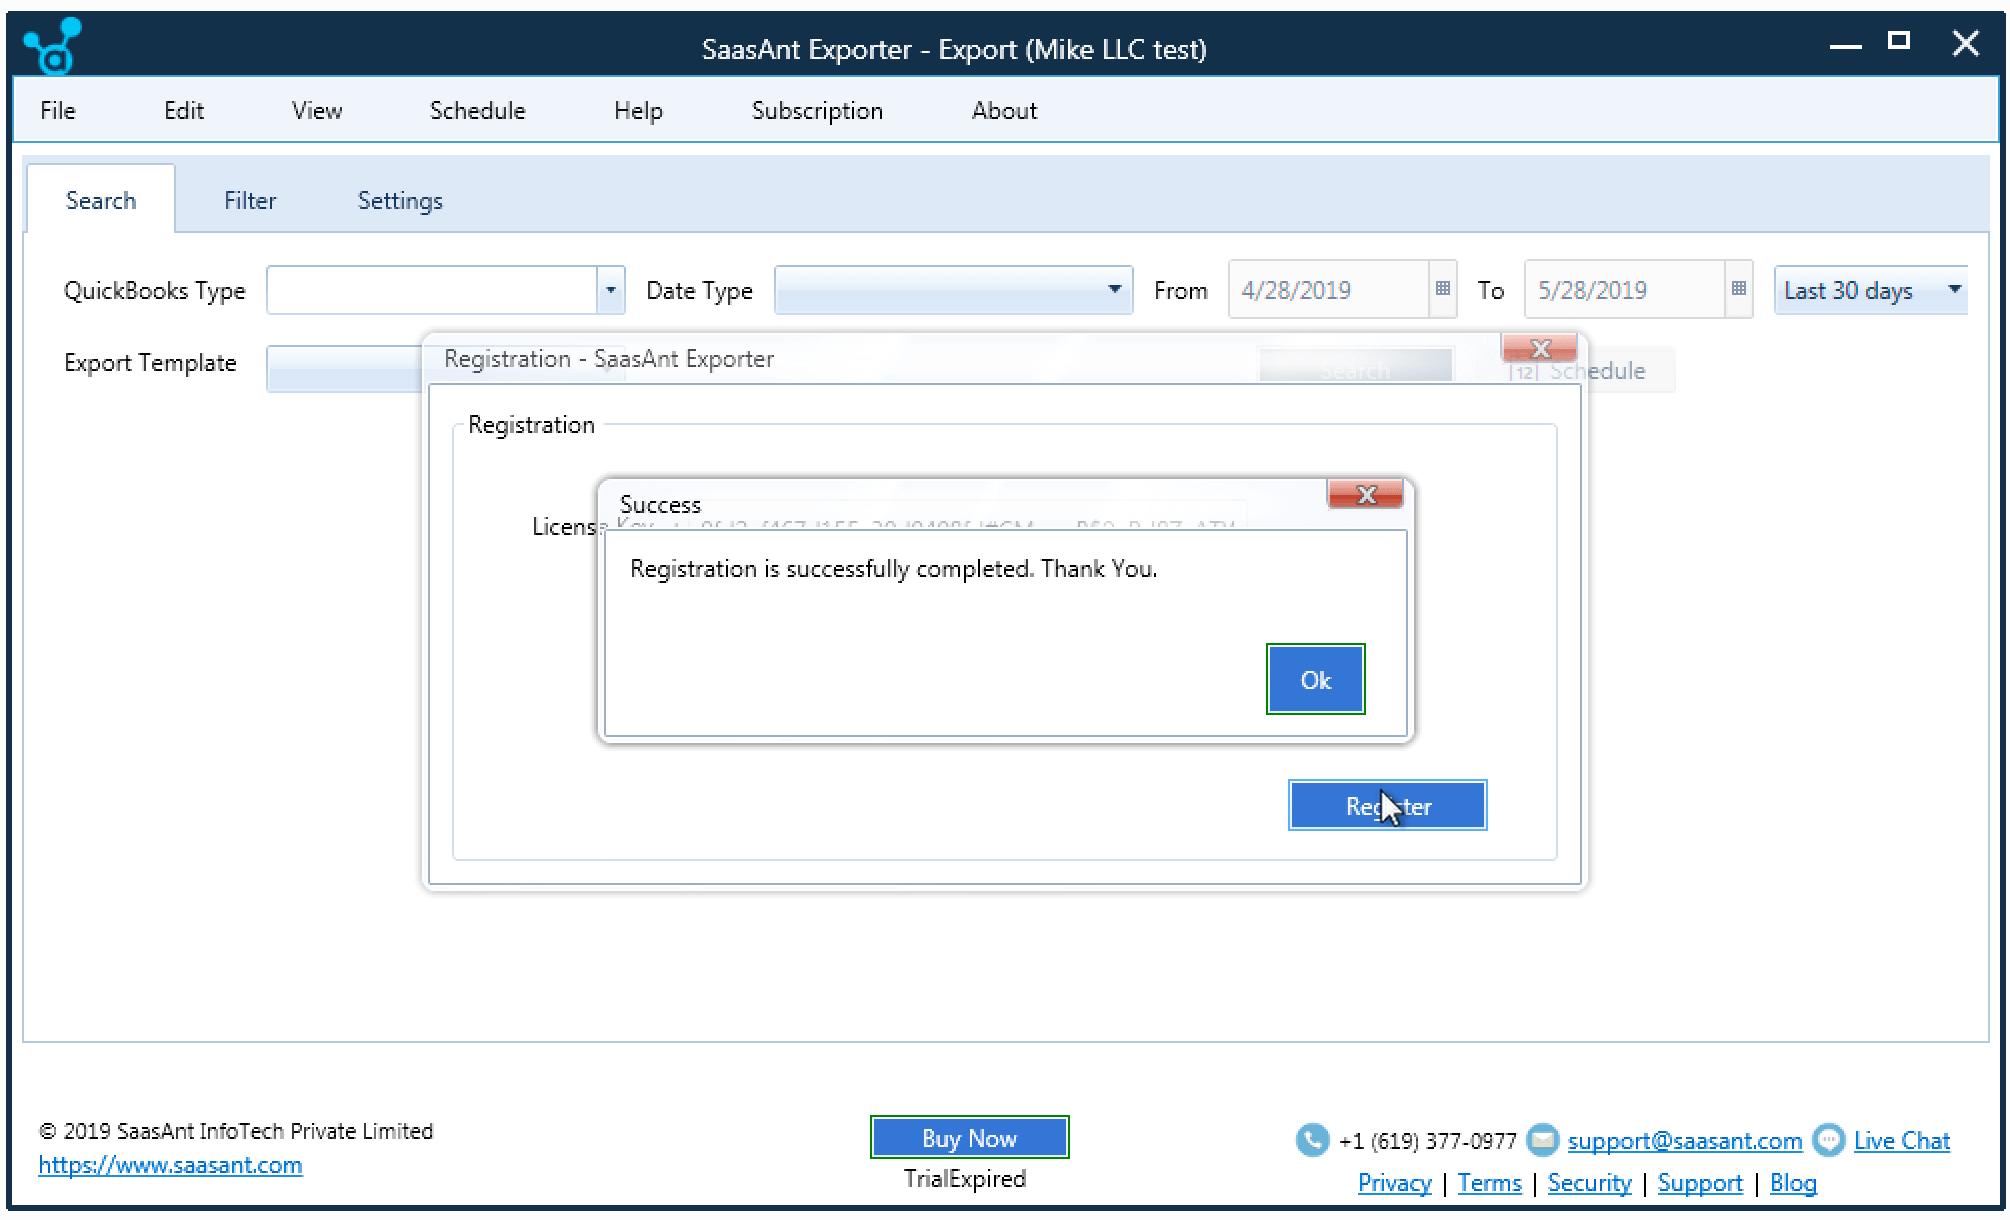 saasant exporter activation